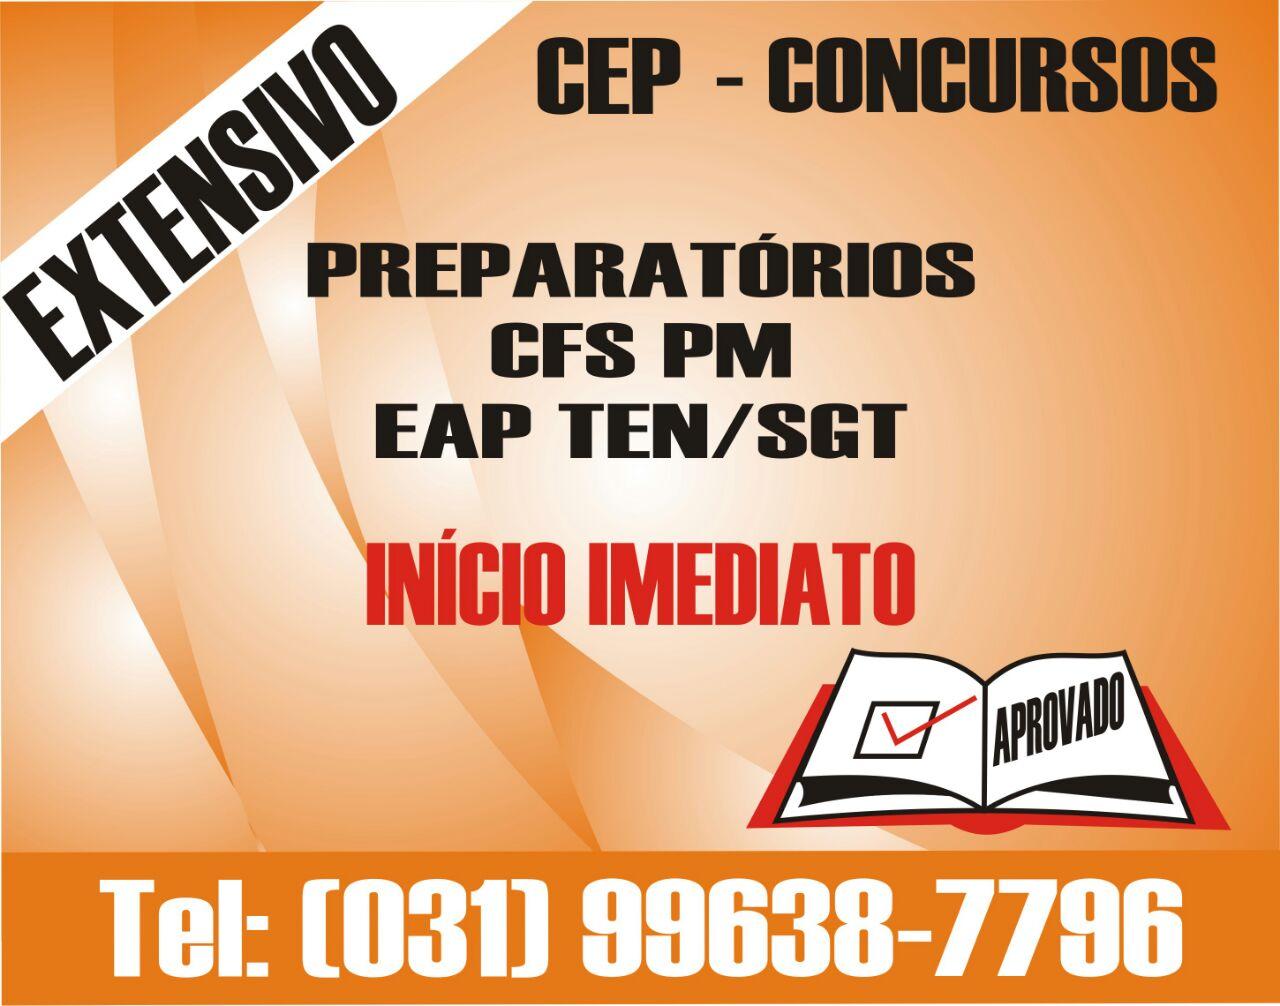 CEP Concursos - CFS e EAP